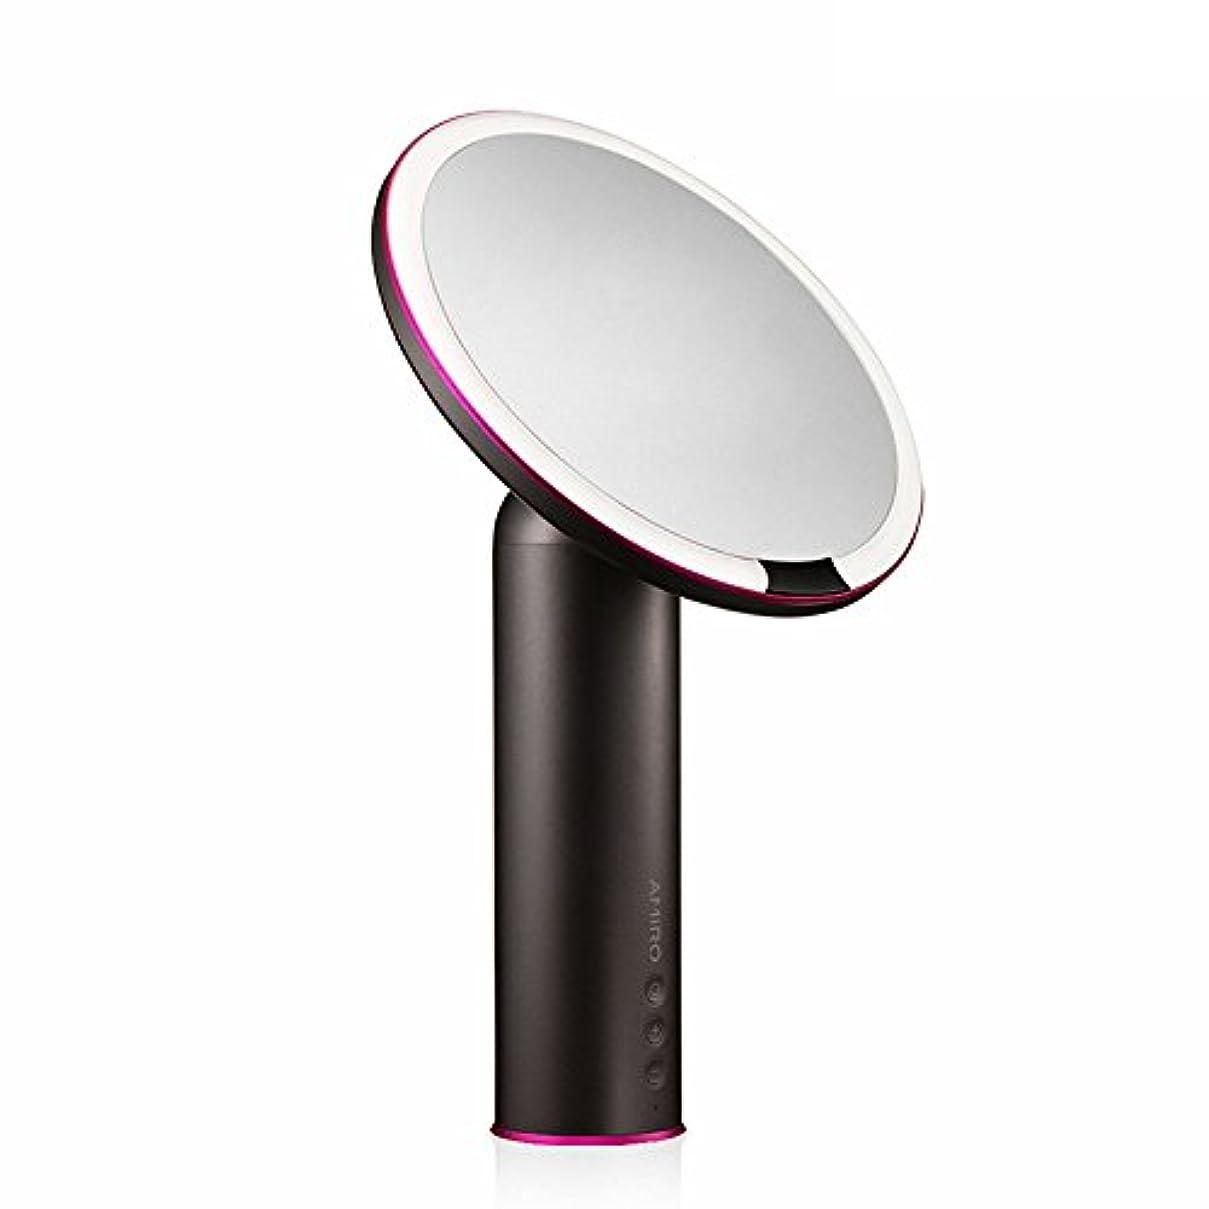 生き返らせるマグ比率AMIRO LED化粧鏡 人感センサー付き 化粧ミラー LEDライト付き 卓上鏡 女優ミラー 3段階明るさ調節可能 コードレス 充電式